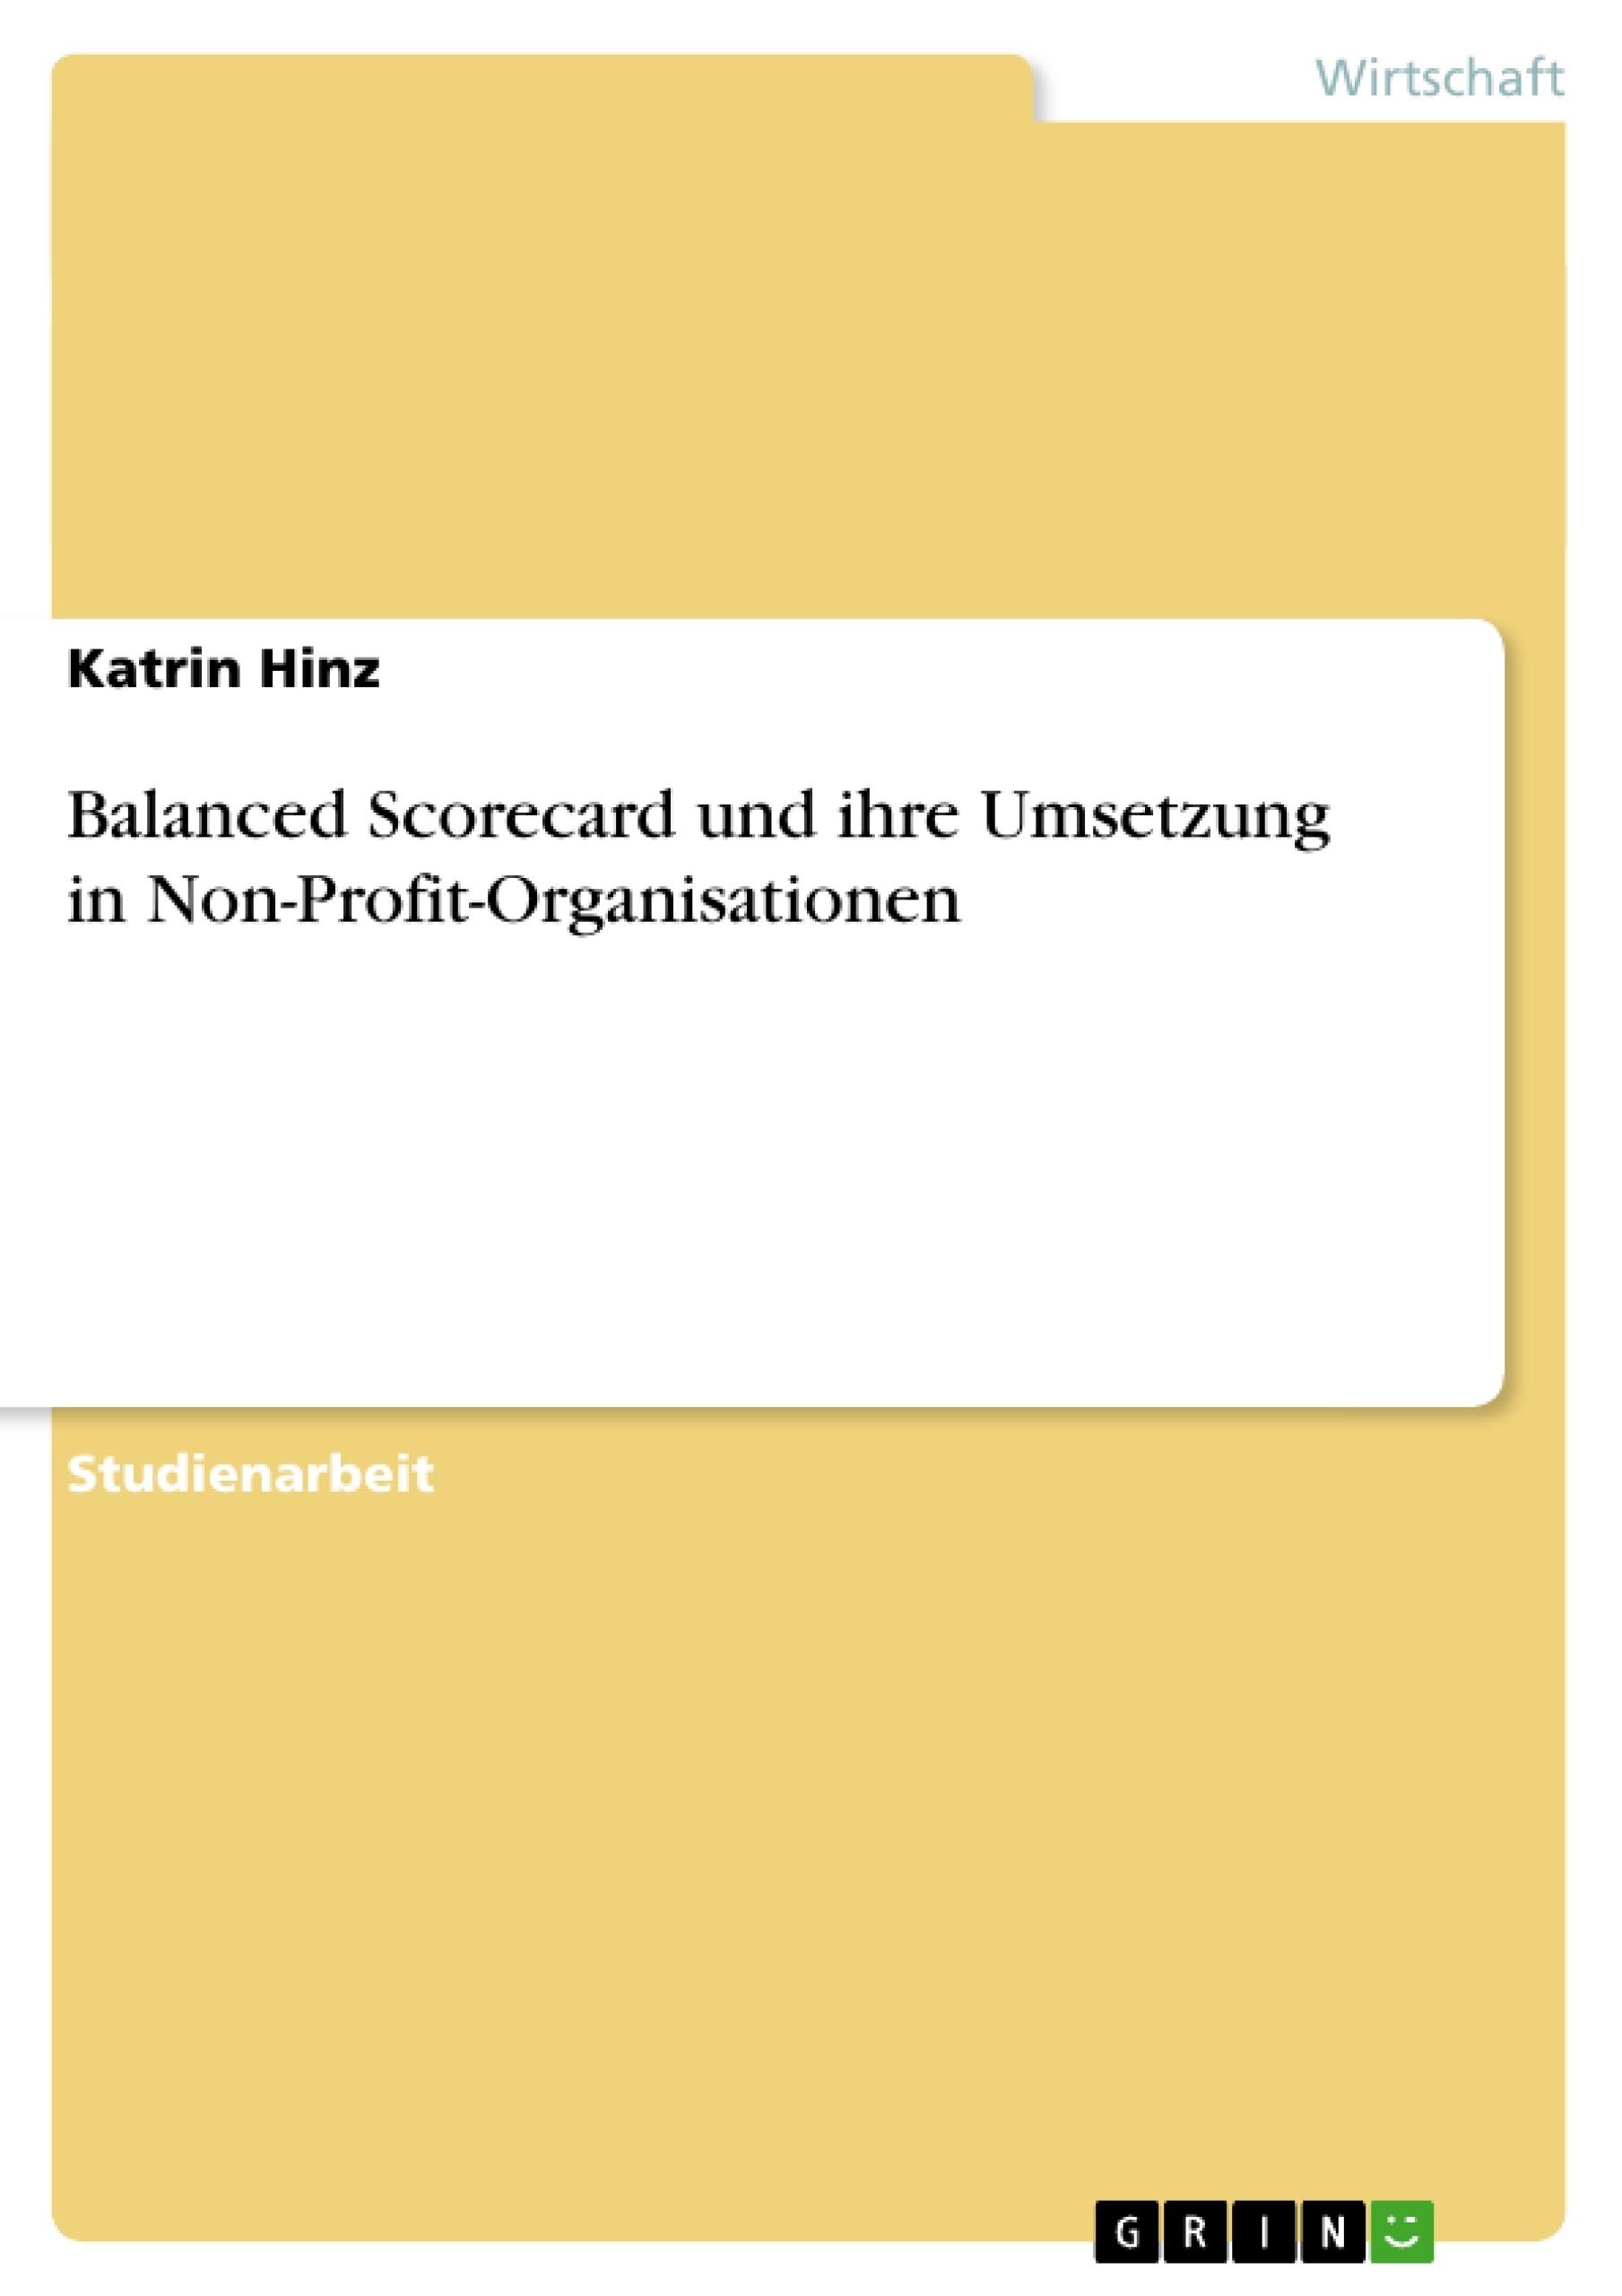 Titel: Balanced Scorecard und ihre  Umsetzung in Non-Profit-Organisationen